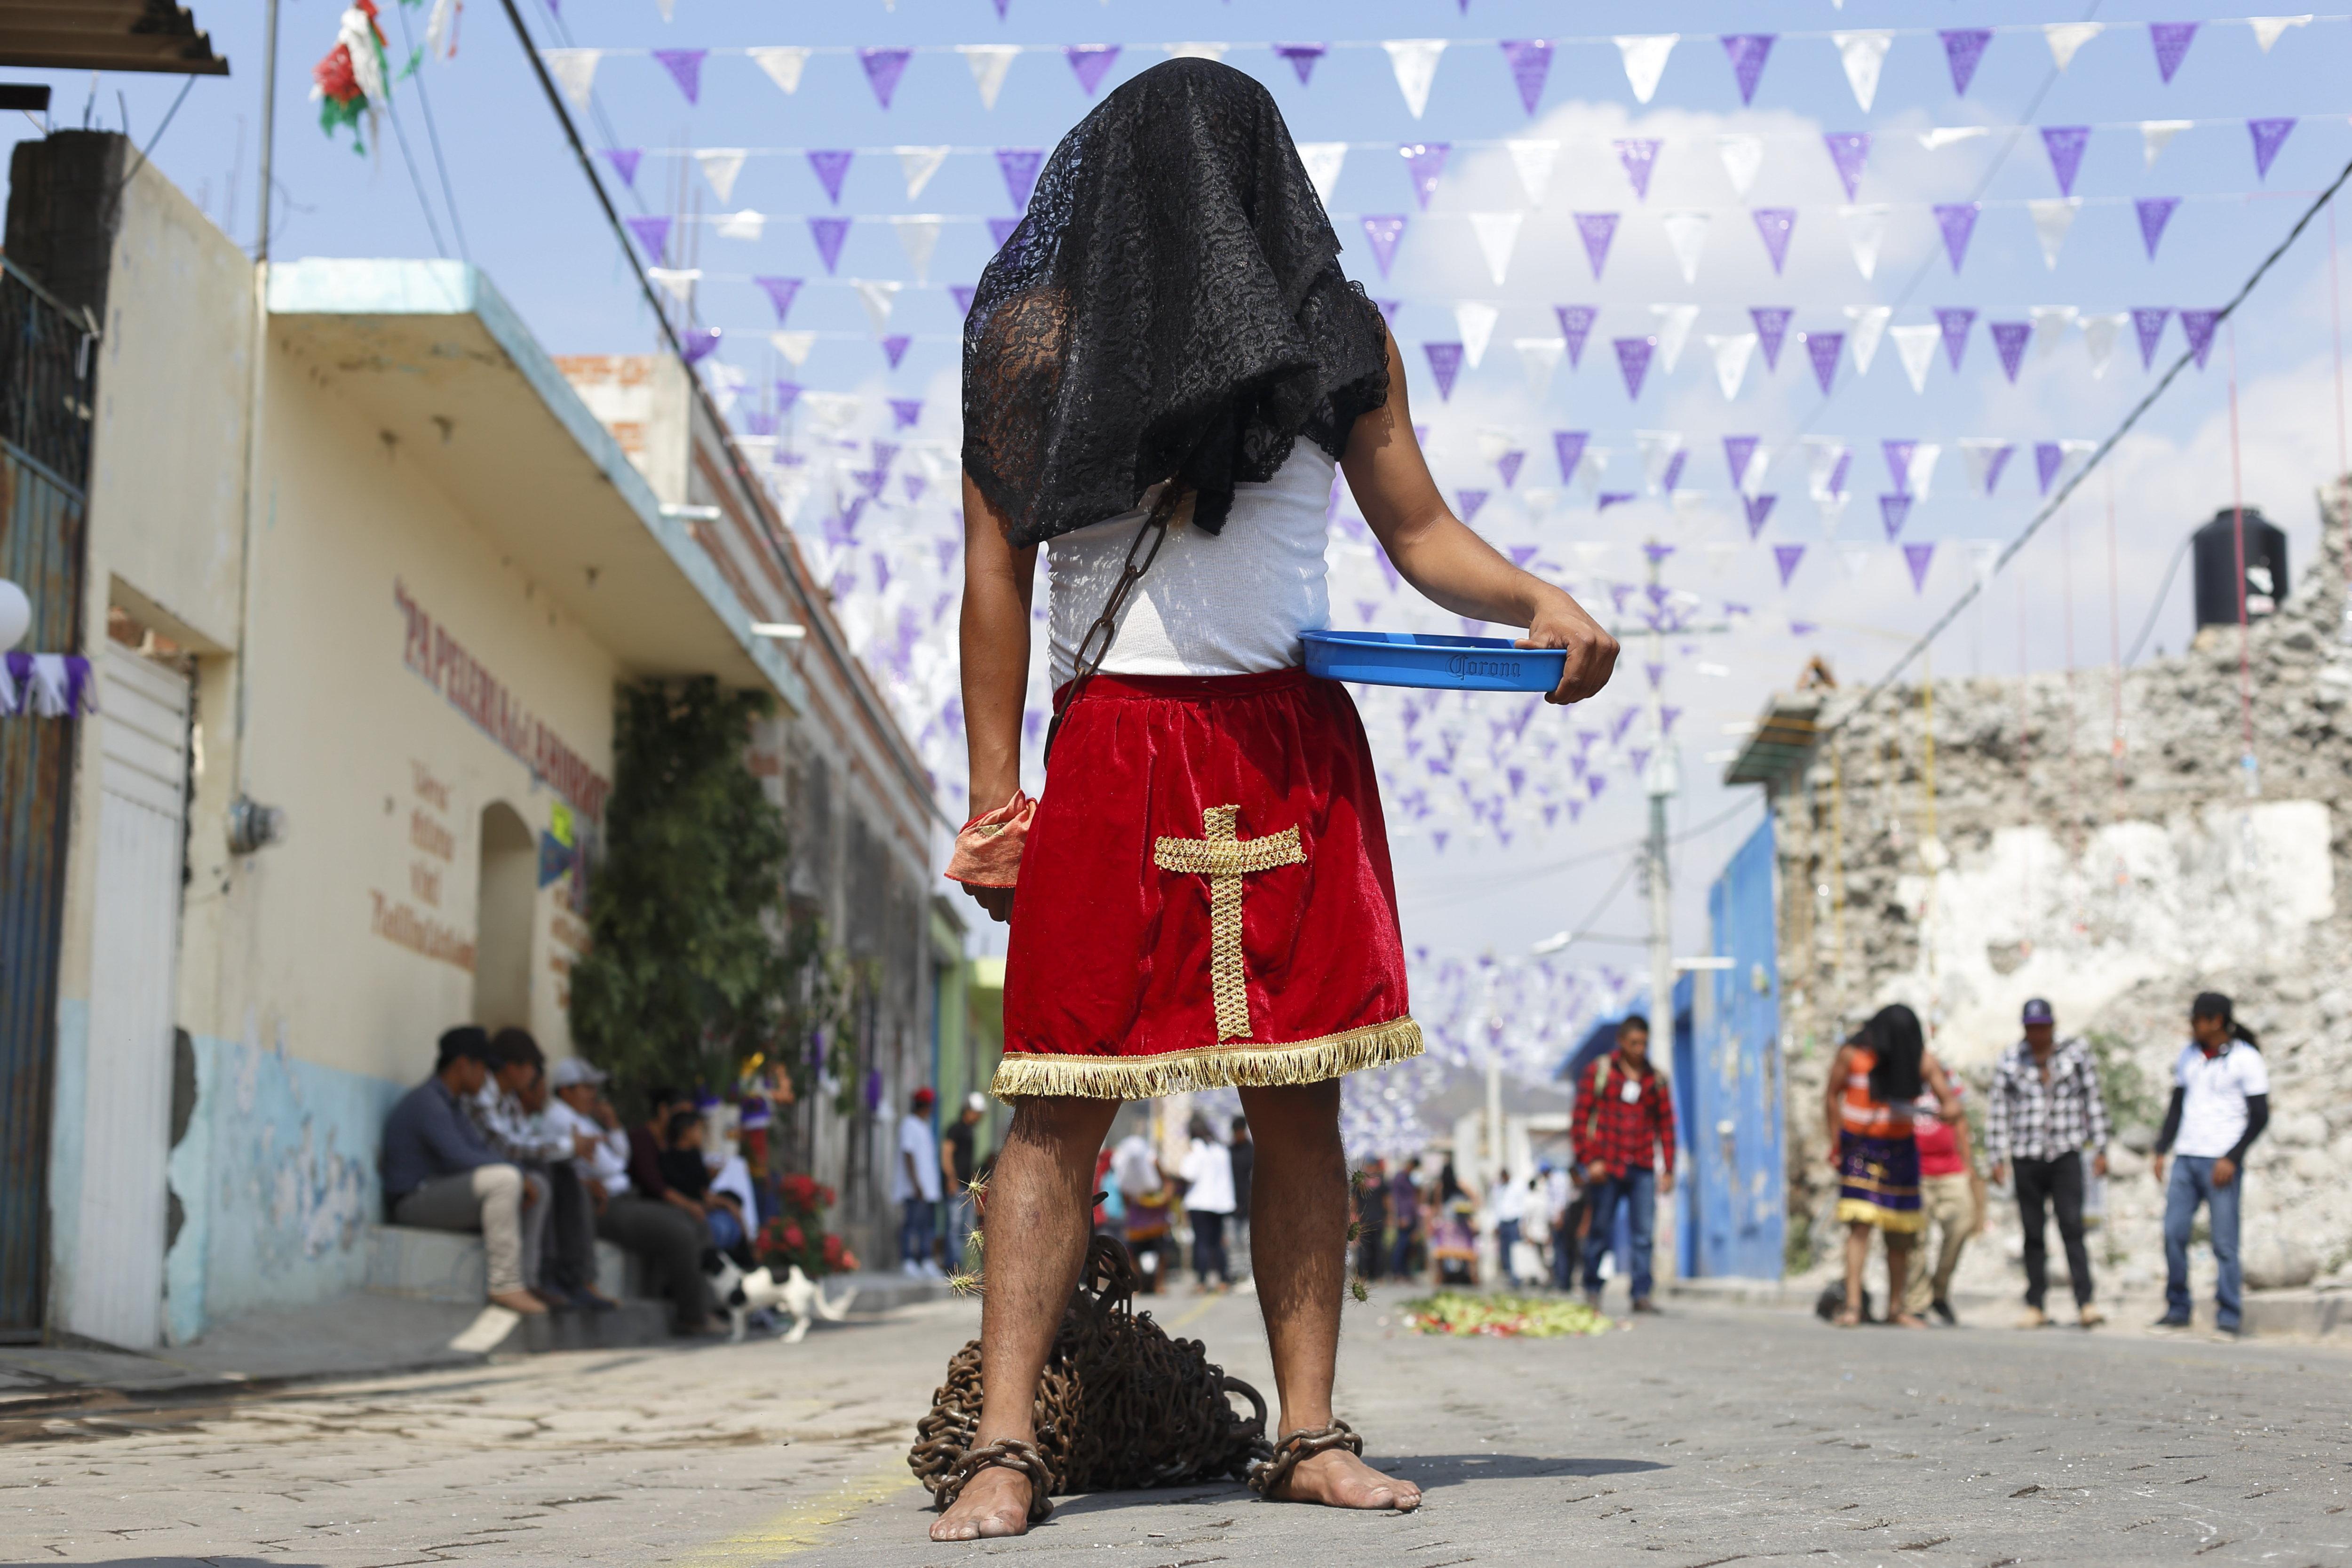 Fieles católicos participan en la Procesión de los Engrillados en Huaquechula, estado de Puebla,